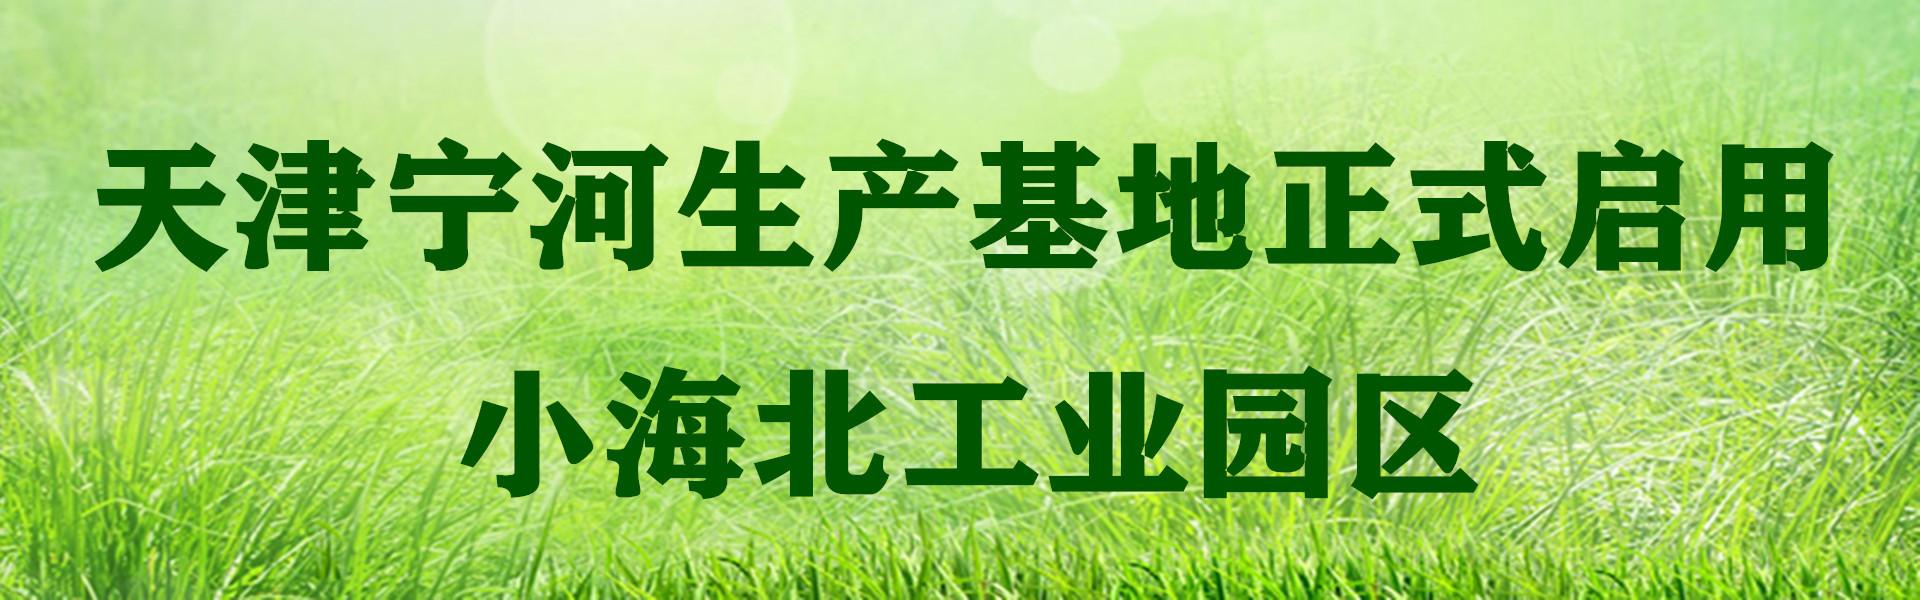 天津宁河海北镇蜂窝纸板厂